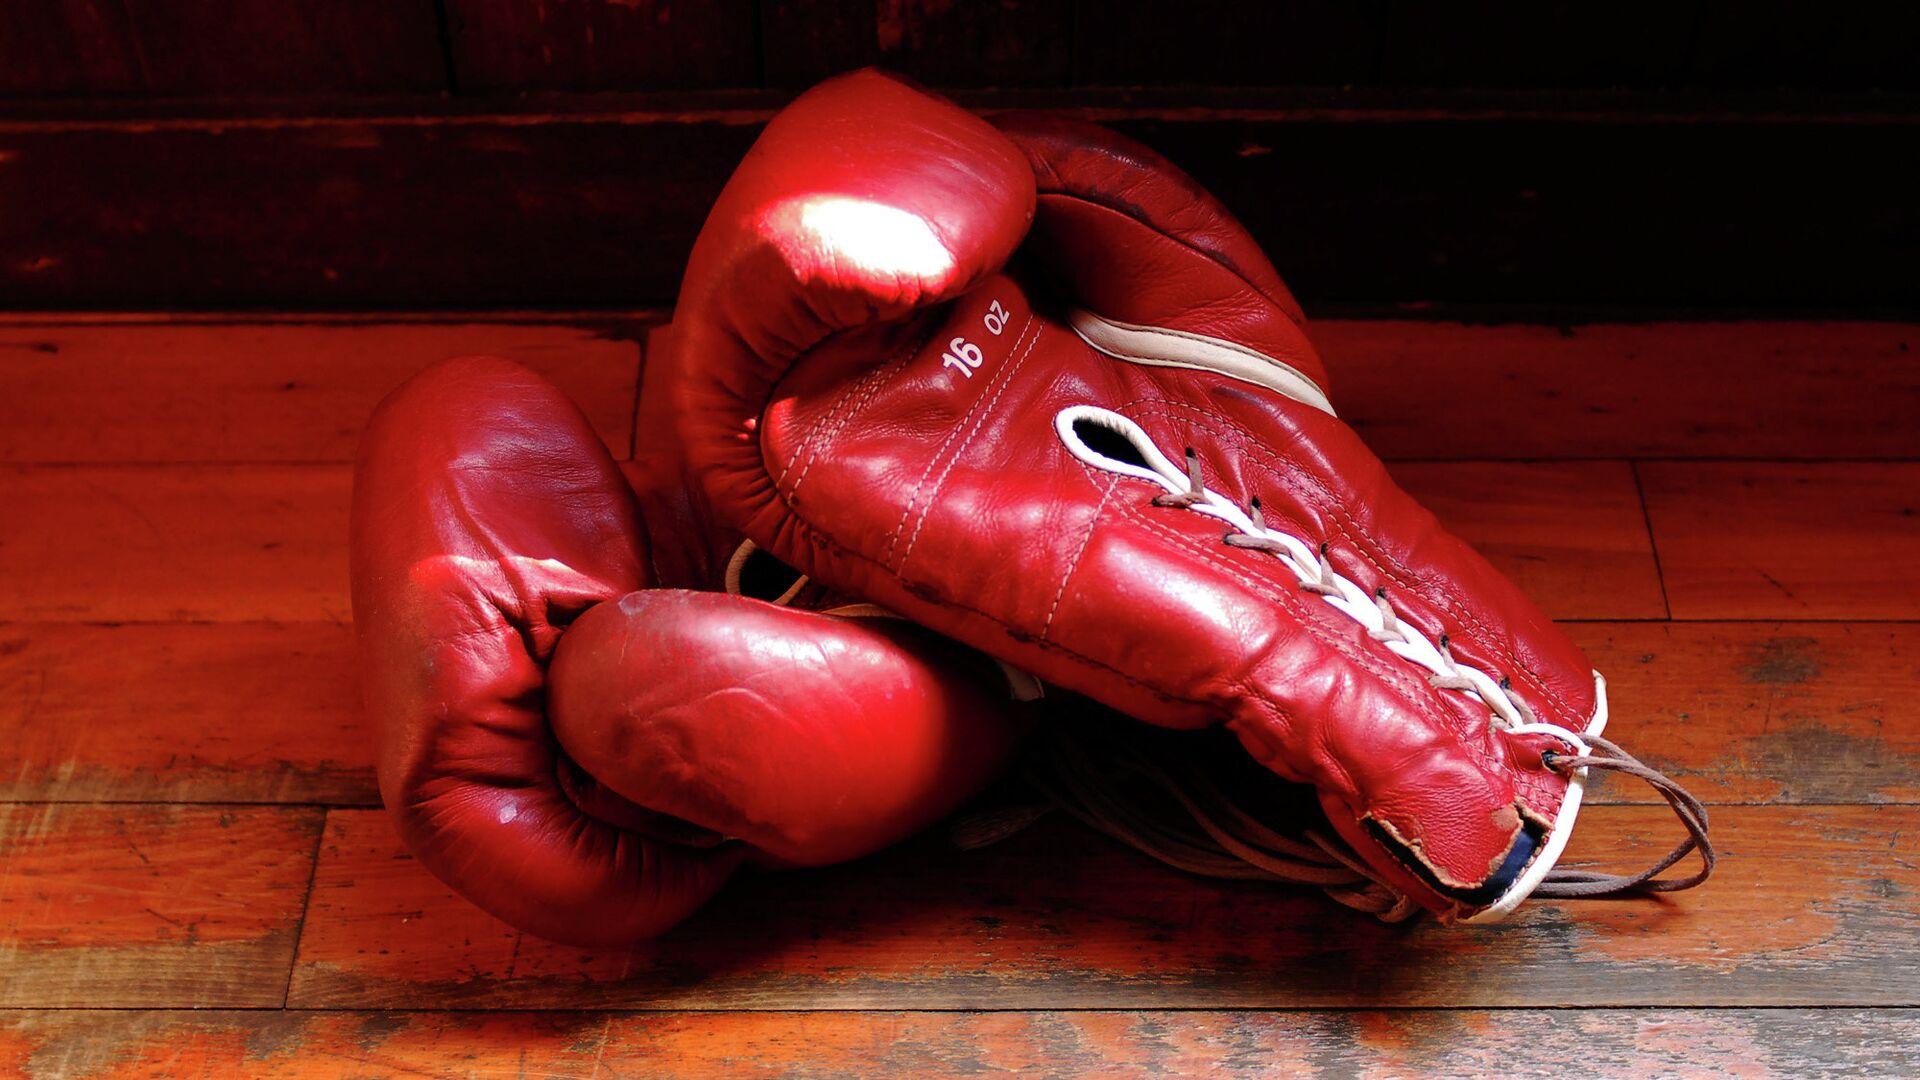 Боксерские перчатки - РИА Новости, 1920, 27.01.2021